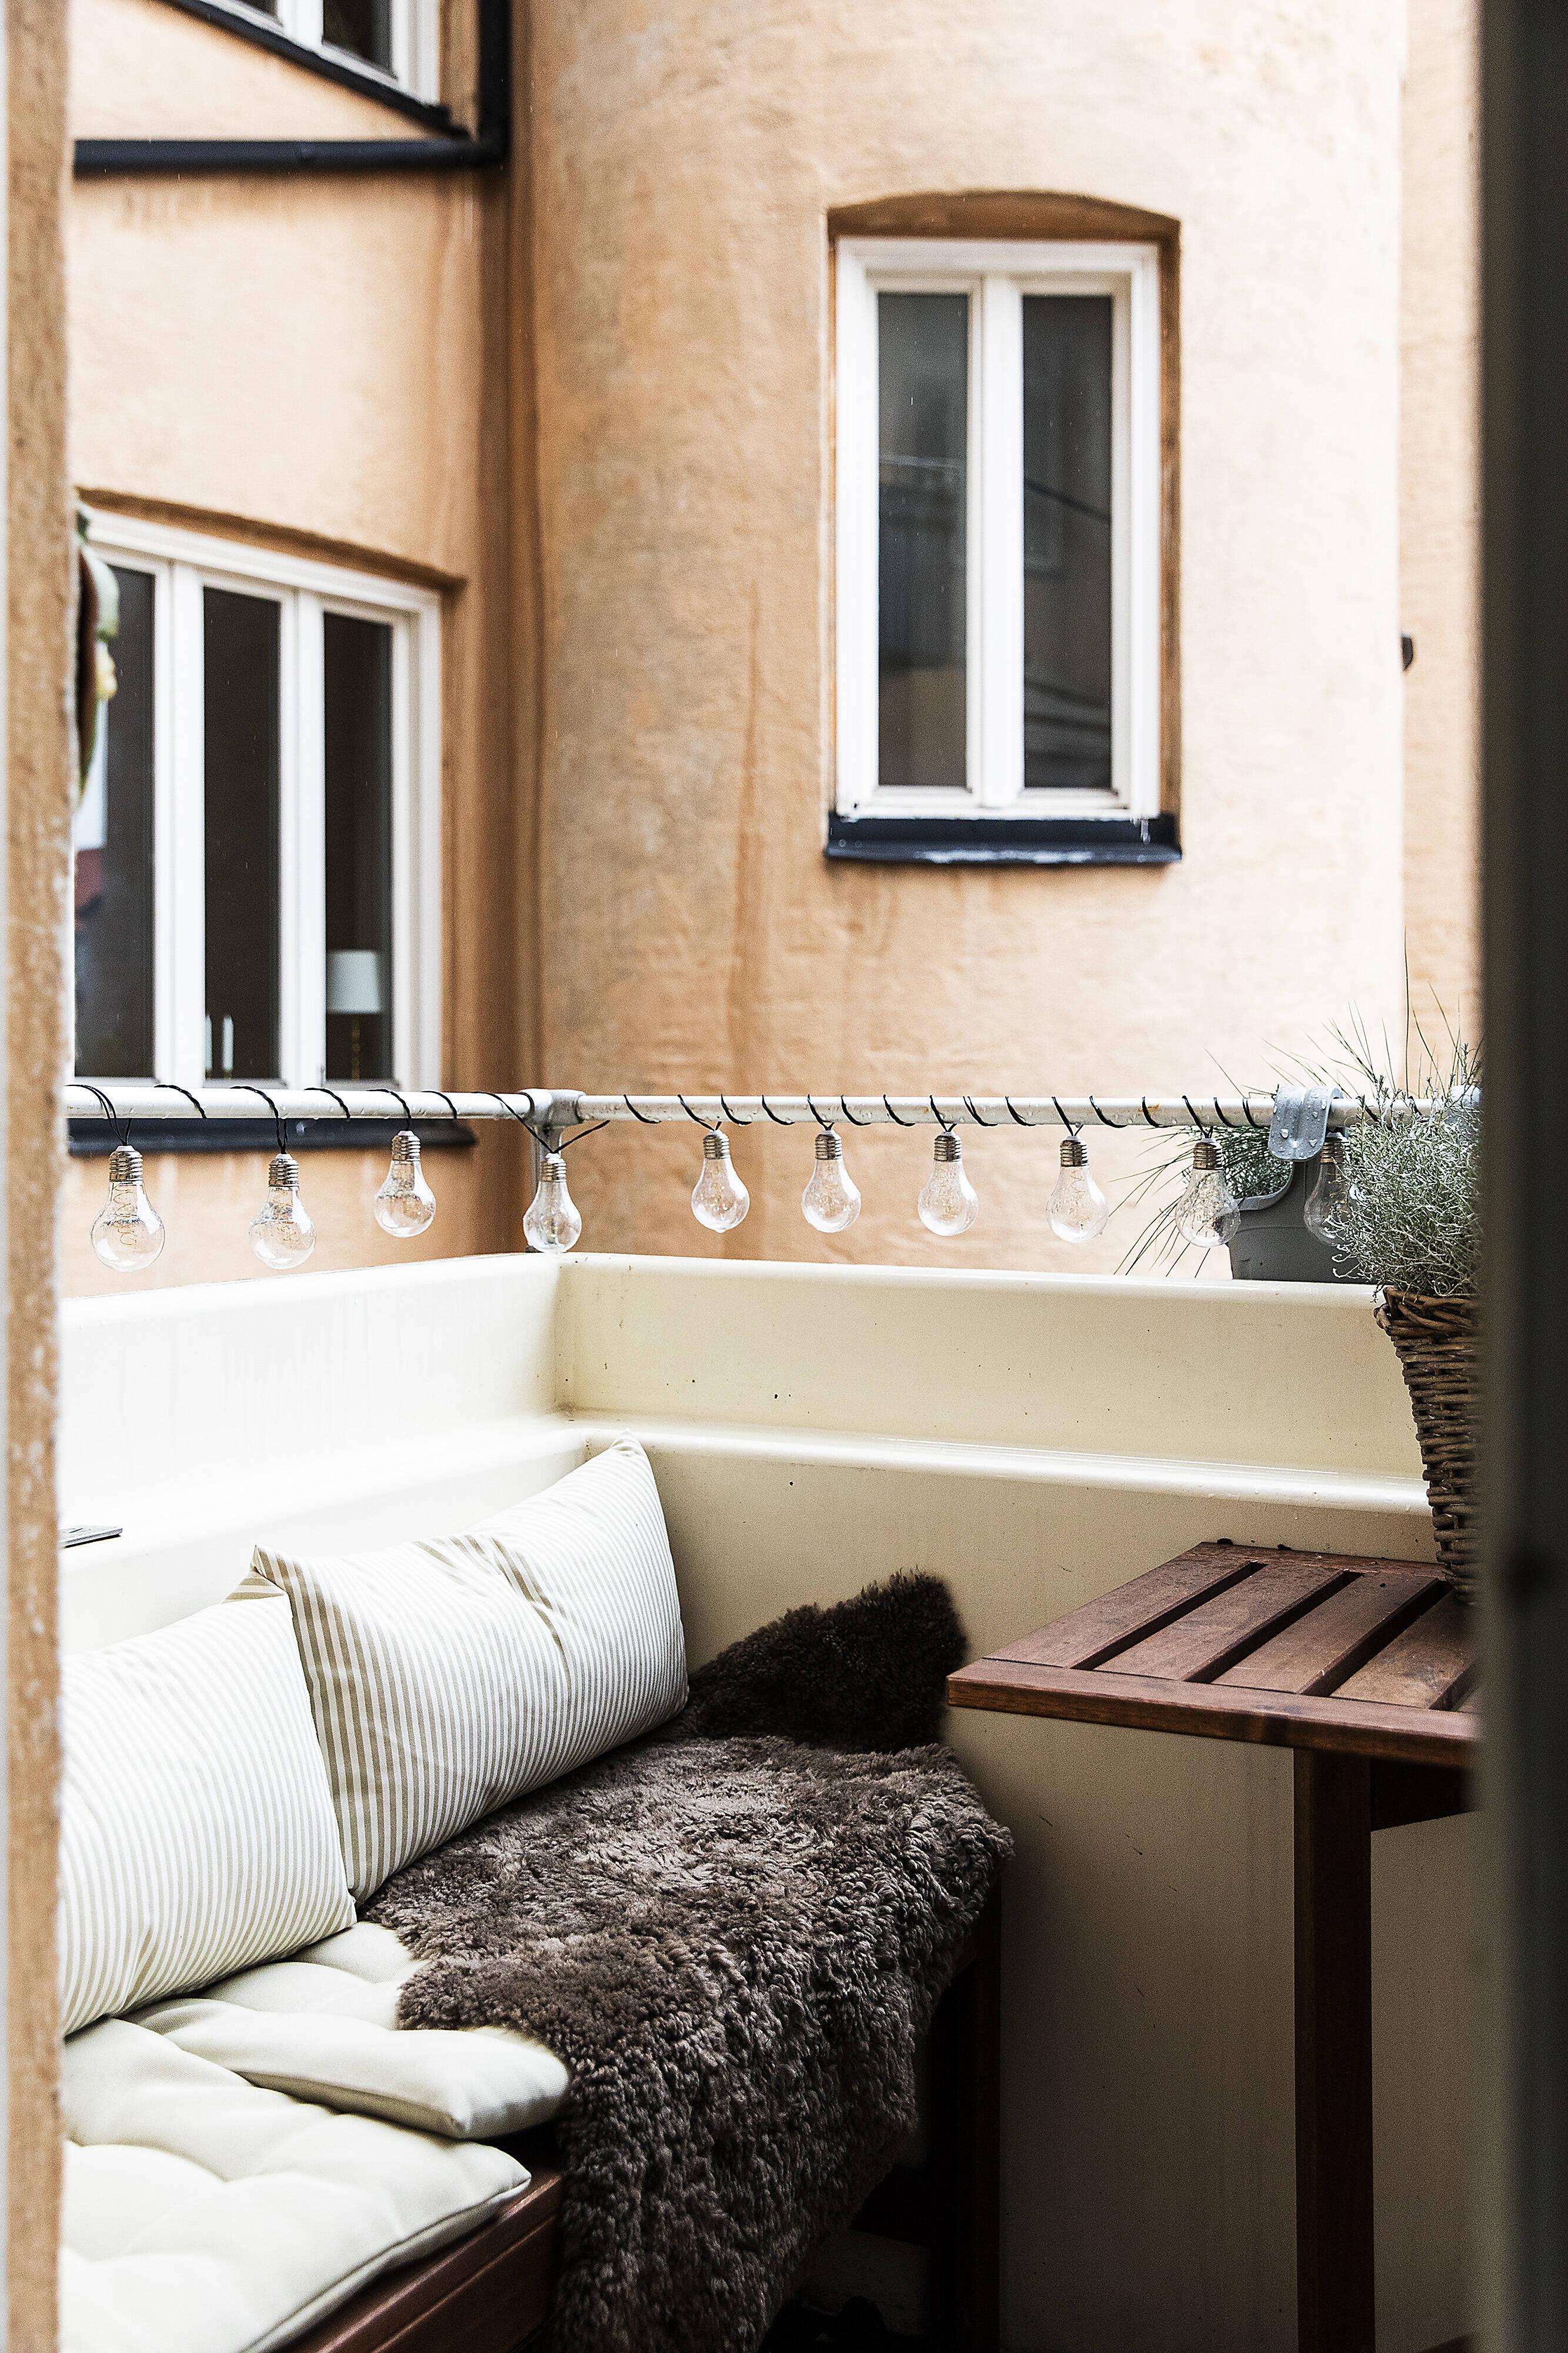 Balkongen mot innergården där lugn och välbehag infinner sig...